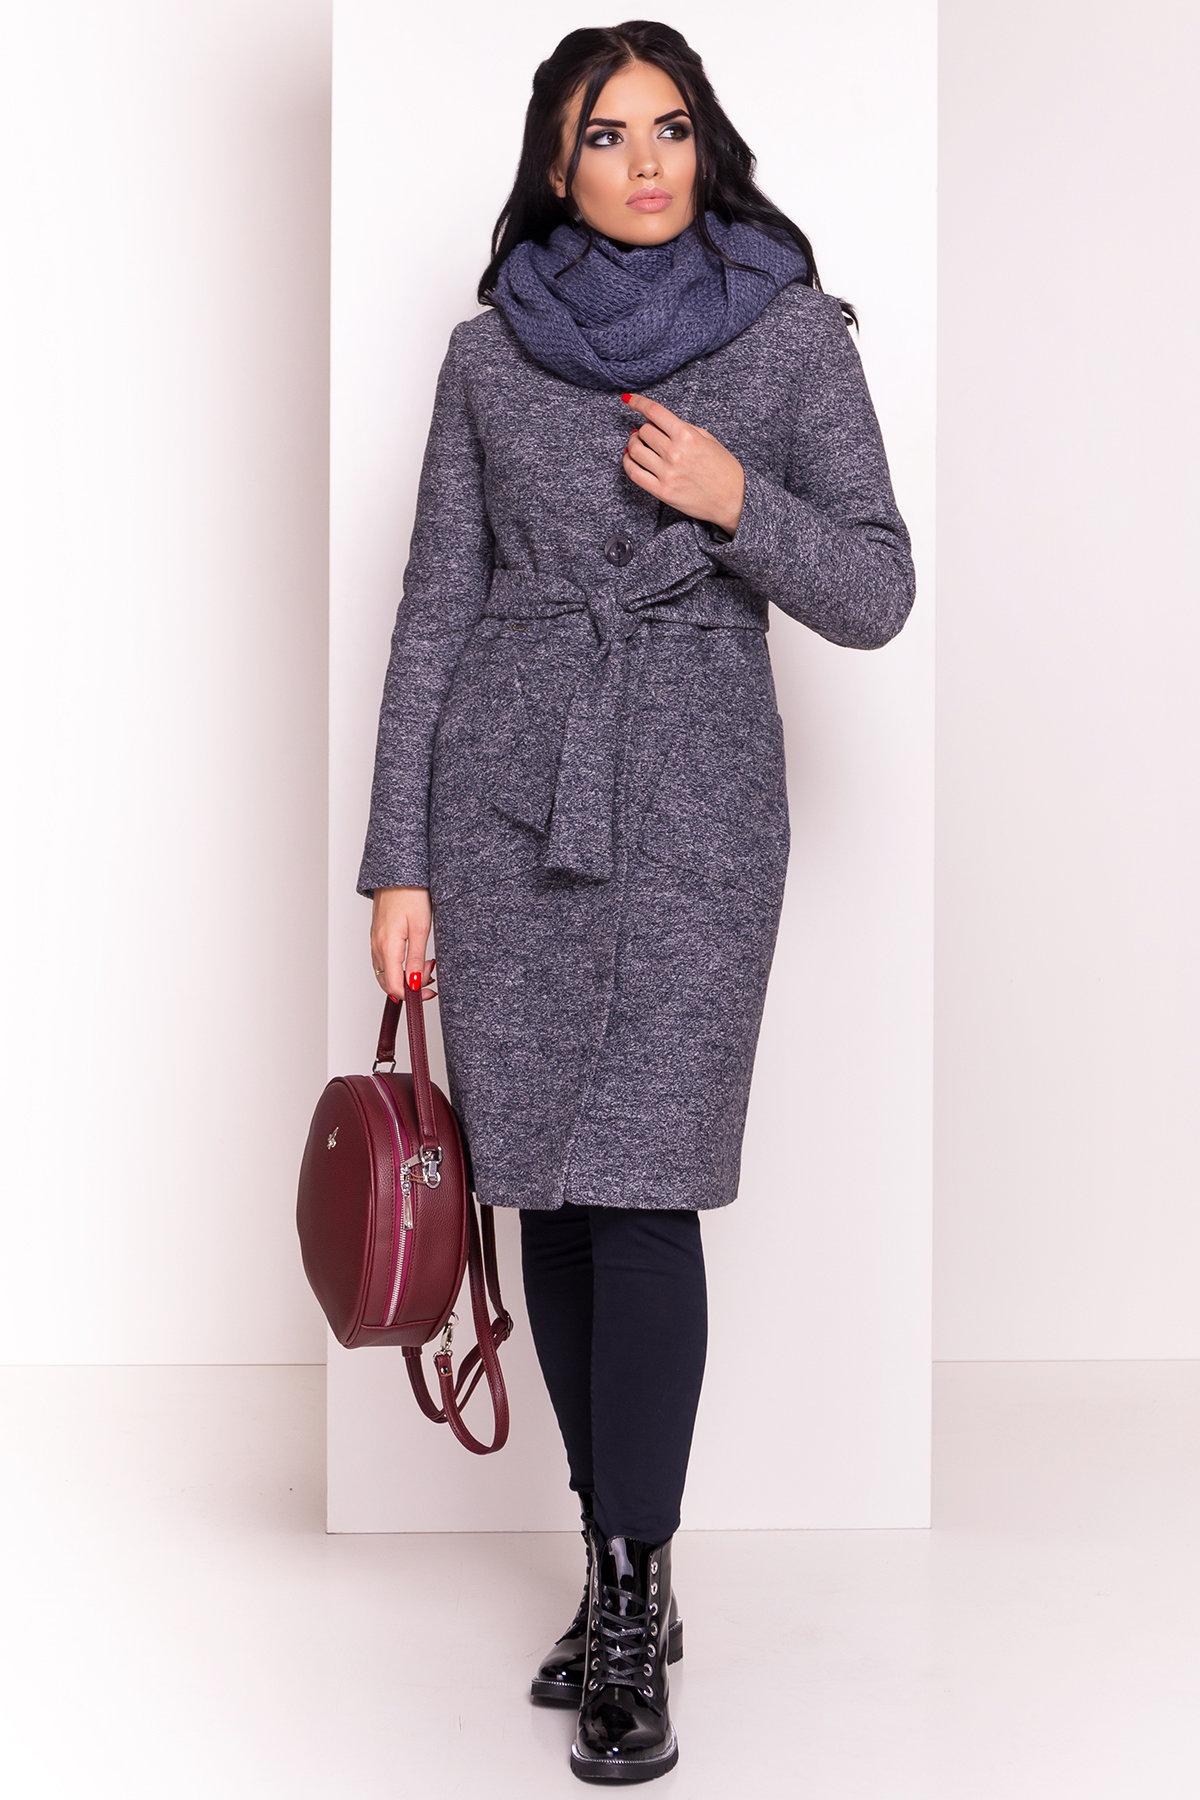 Пальто Габриэлла 4224 АРТ. 20835 Цвет: Серый темный LW-22 - фото 5, интернет магазин tm-modus.ru